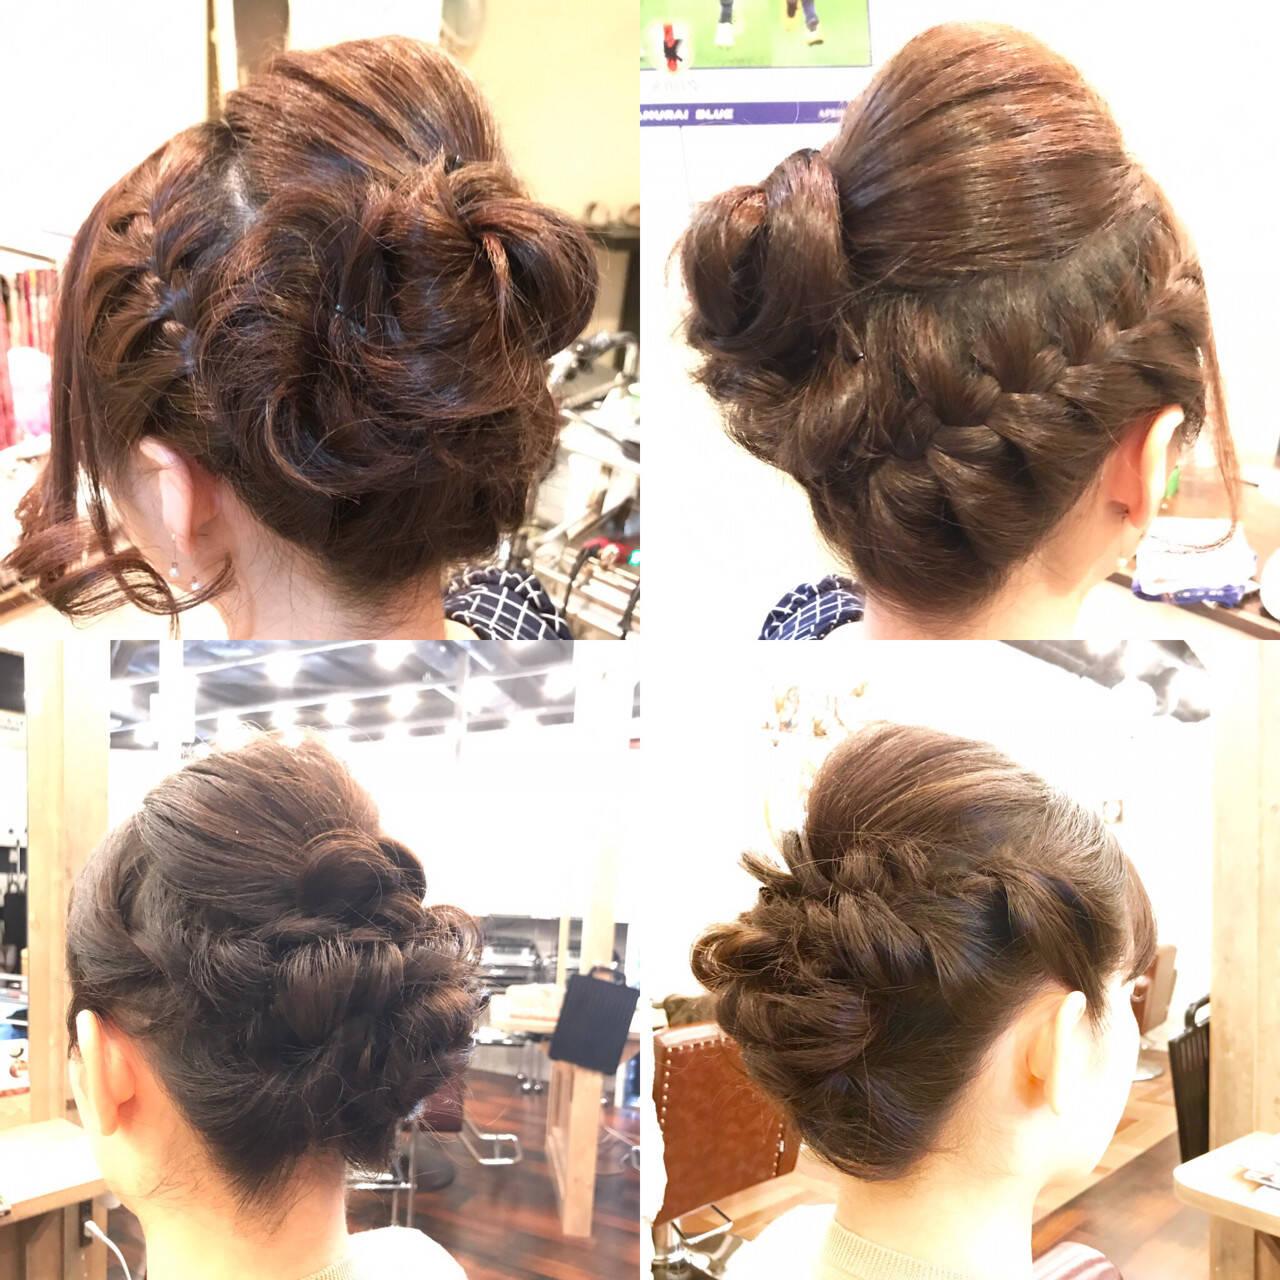 エレガント 編み込み まとめ髪 ヘアアレンジヘアスタイルや髪型の写真・画像